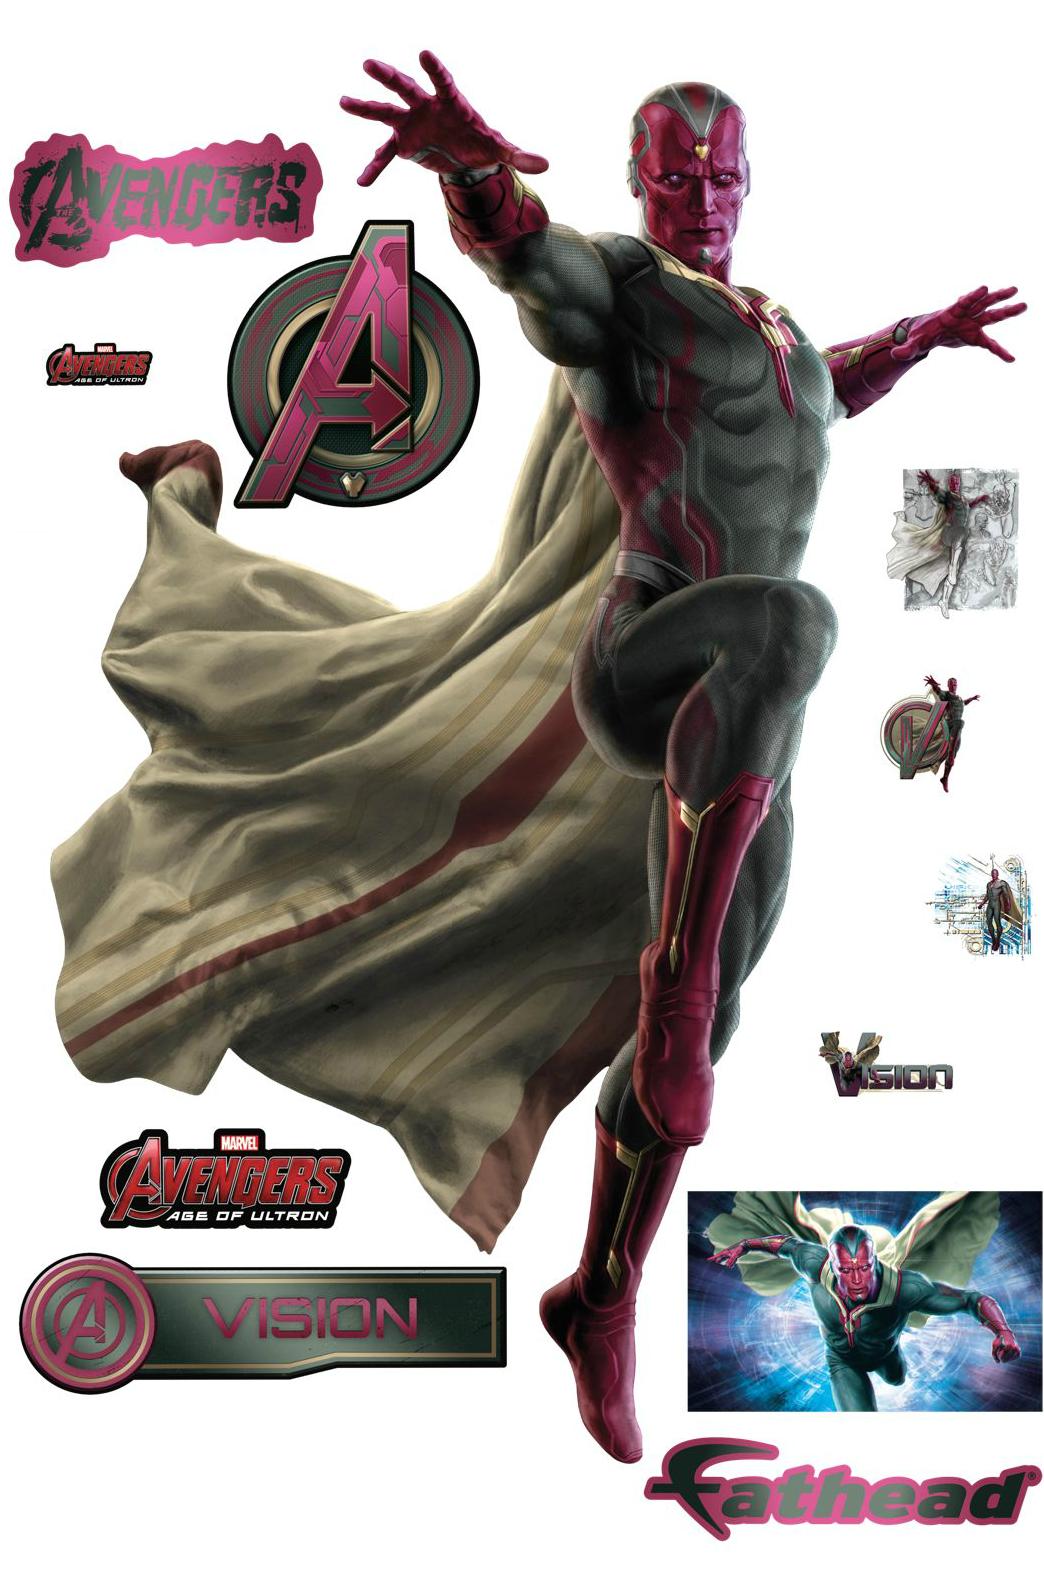 Немножко вкусного промо-арта из Мстителей 2. - Изображение 11